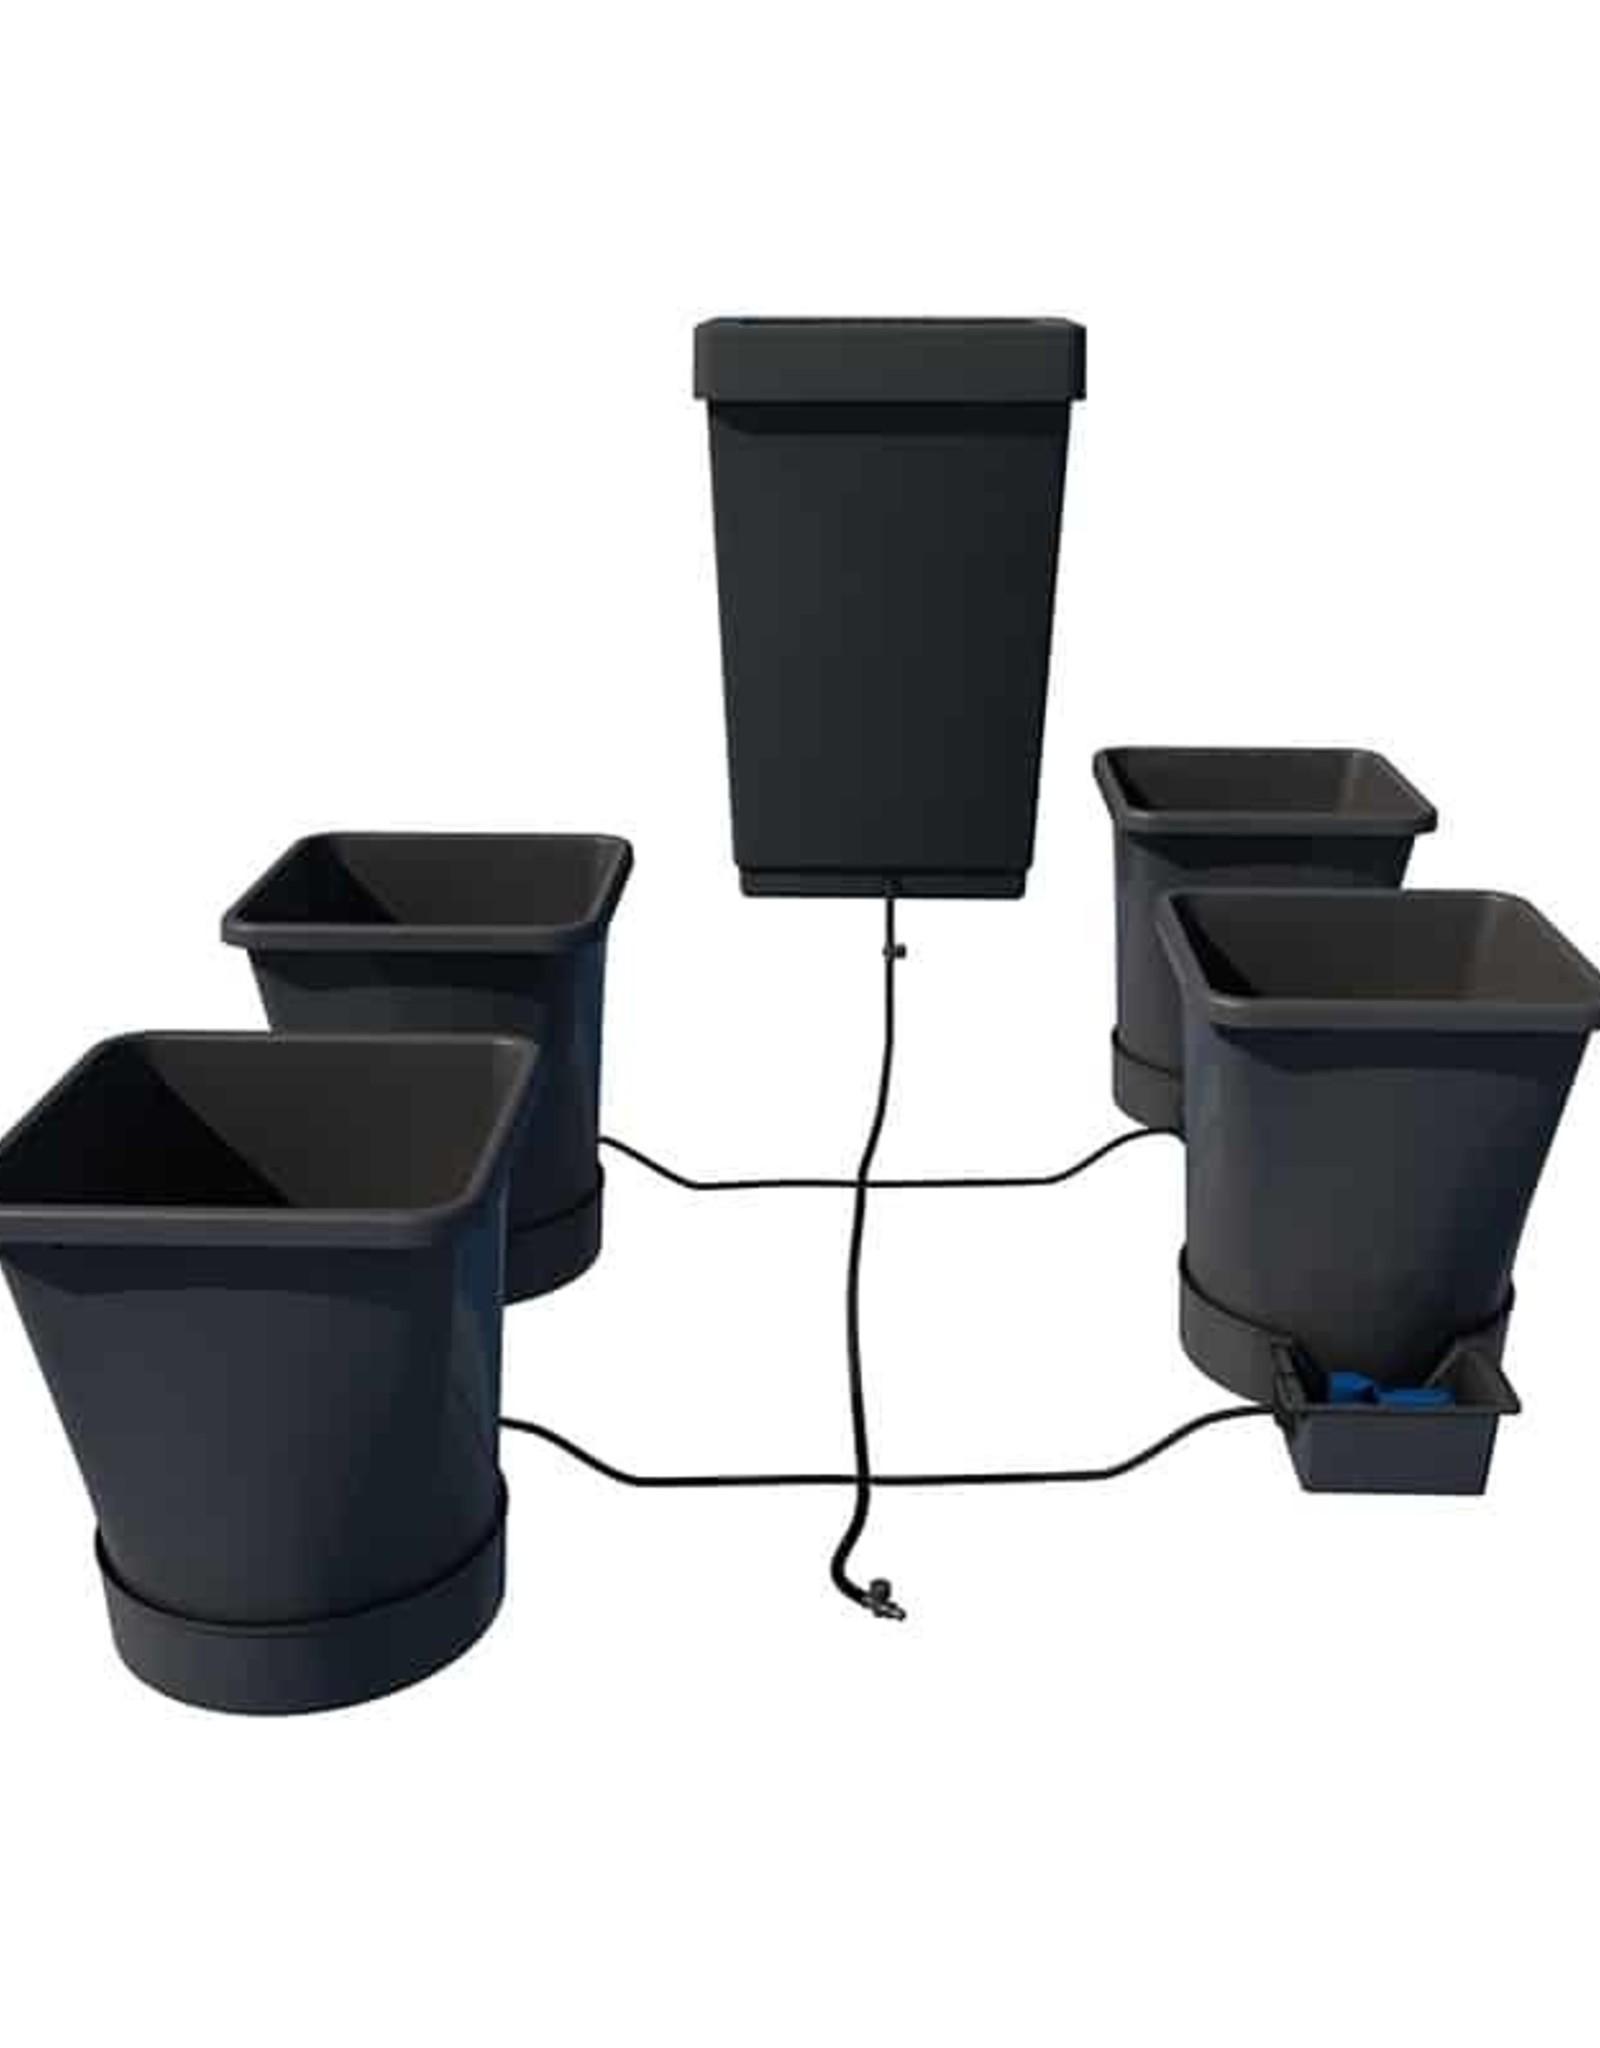 Autopot 4 Pot XL System